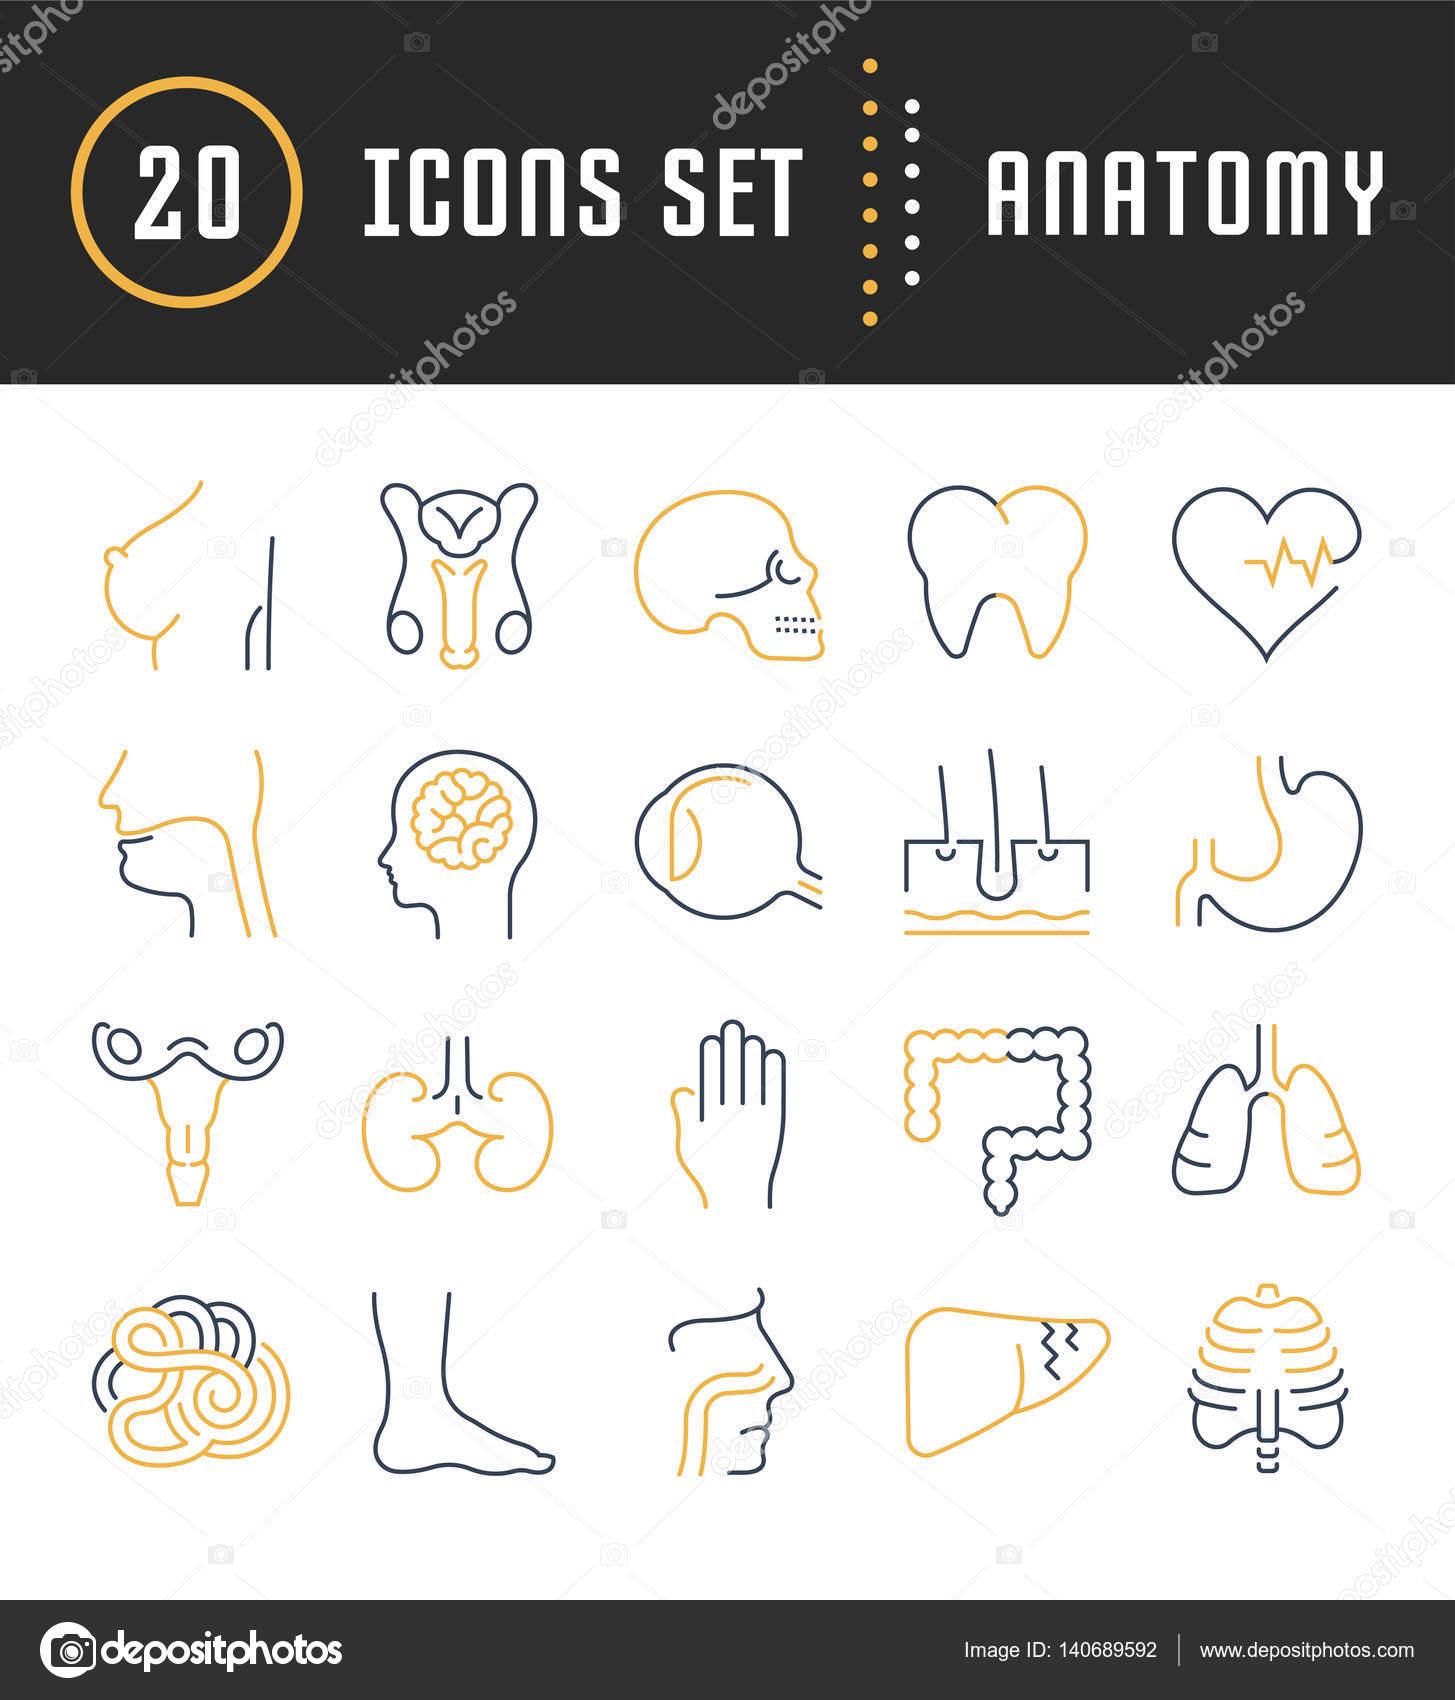 Anatomía de los iconos Vector Set línea plana — Archivo Imágenes ...